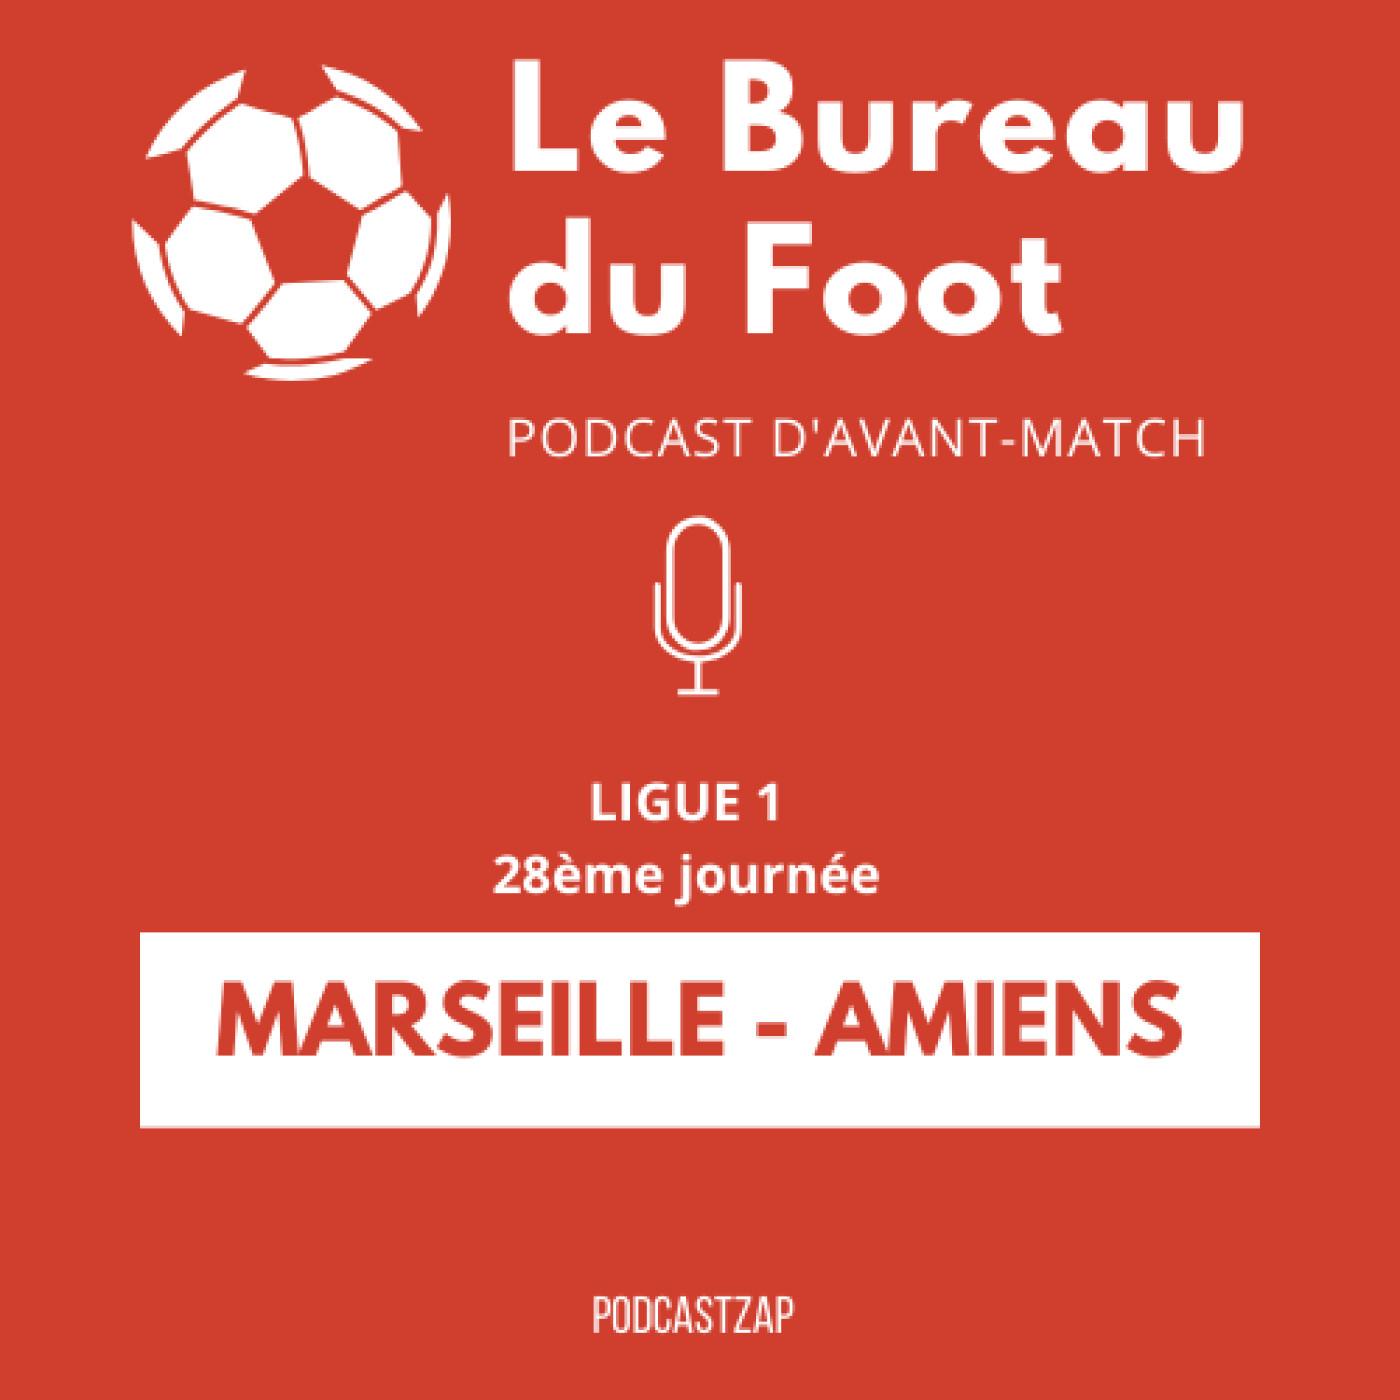 S1E14 - Ligue 1 - Journée 28 - Marseille - Amiens